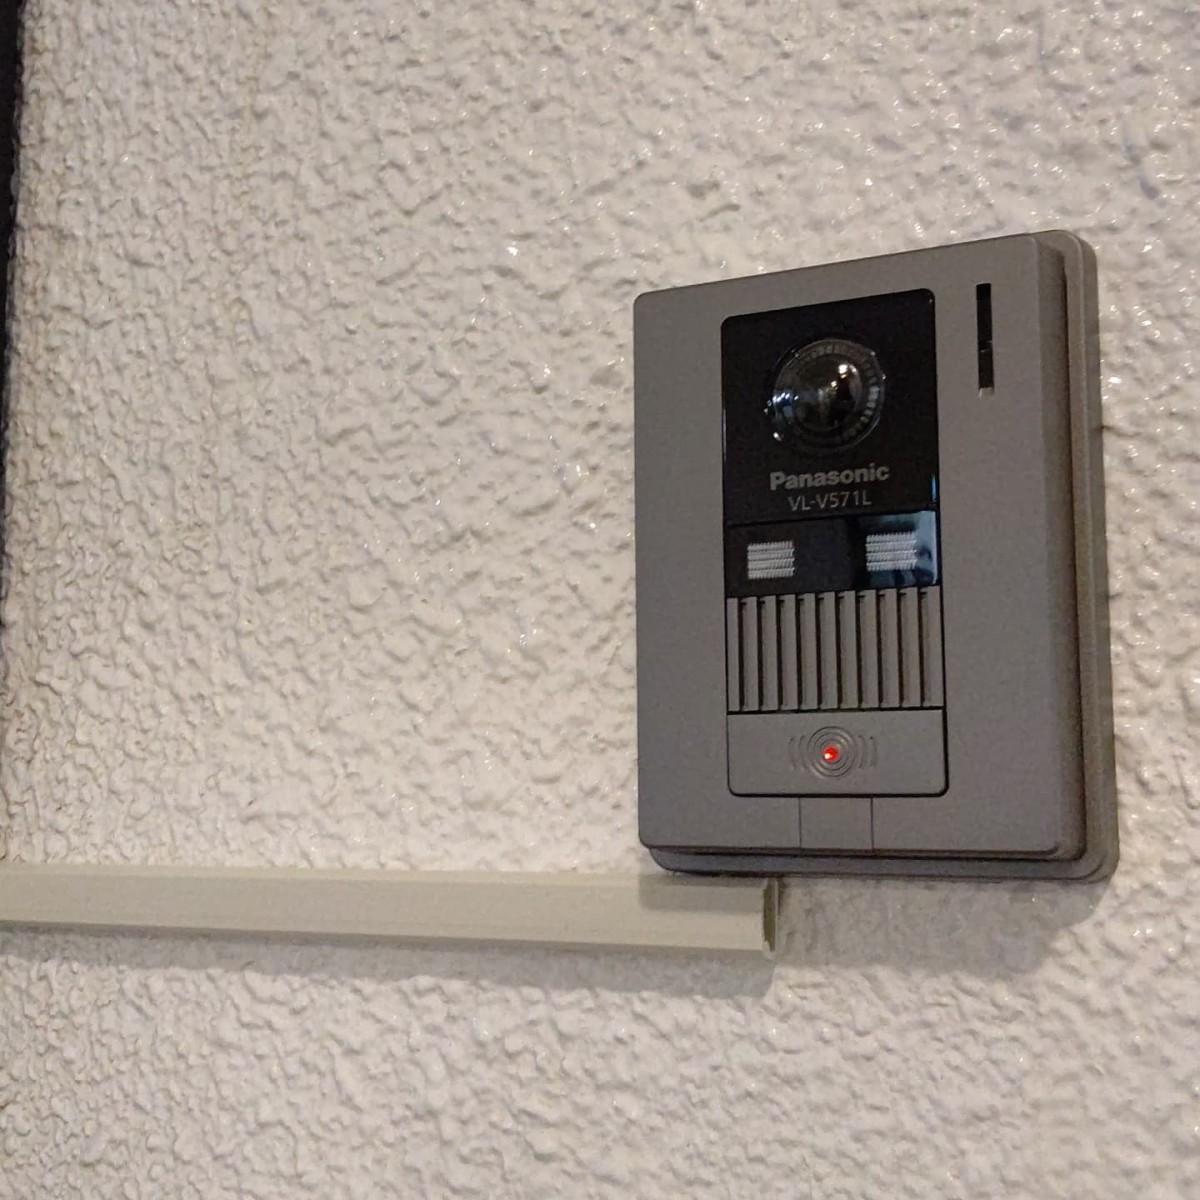 100V式チャイムをカメラ付ドアホンへ変更工事!分譲マンションでの設備工事。なんとか配線利用できないか、と思いましたが無理でしたね。仕方ないので露出で攻めます。室内は安定の録り忘れ…。既設チャイムから電源取るのに塗装の兼ね合いで露出ボックスつけましたが、なんで3連の継枠ってないんだろう?来客の様子がしっかり見えるようになり、とても喜ばれておりました。カメラ付ドアホンは防犯設備としても利用できます。どんな人間が来たのかわかると安心ですよね。スマホから遠隔対応できる製品もあるので、チャイムからの入替、機器交換ご相談ください。#チャイム #ドアホン #カメラ付ドアホン #パナソニック #インターホン #住宅設備 #分譲マンション #マンション #露出配線 #電気工事 #リフォーム工事 #リニューアル #防犯設備 #オザワデンキ #有限会社小沢電機商会 #品川区大崎